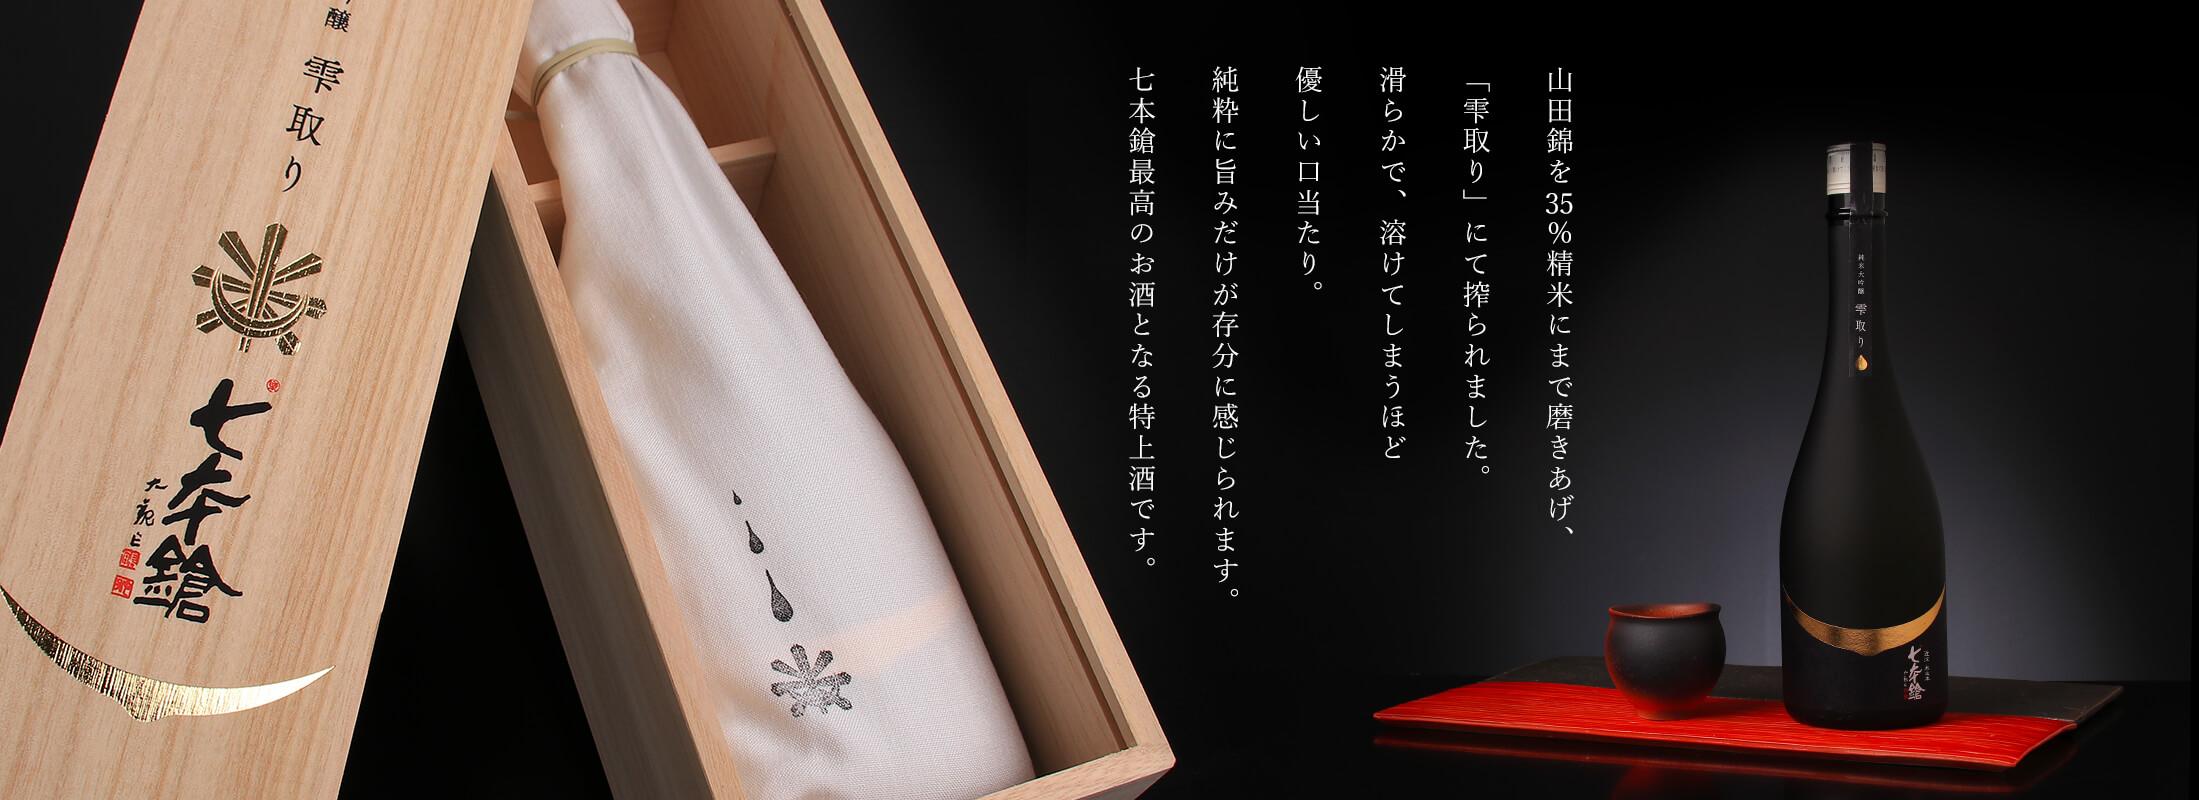 七本鎗 純米大吟醸 山田錦 雫取り